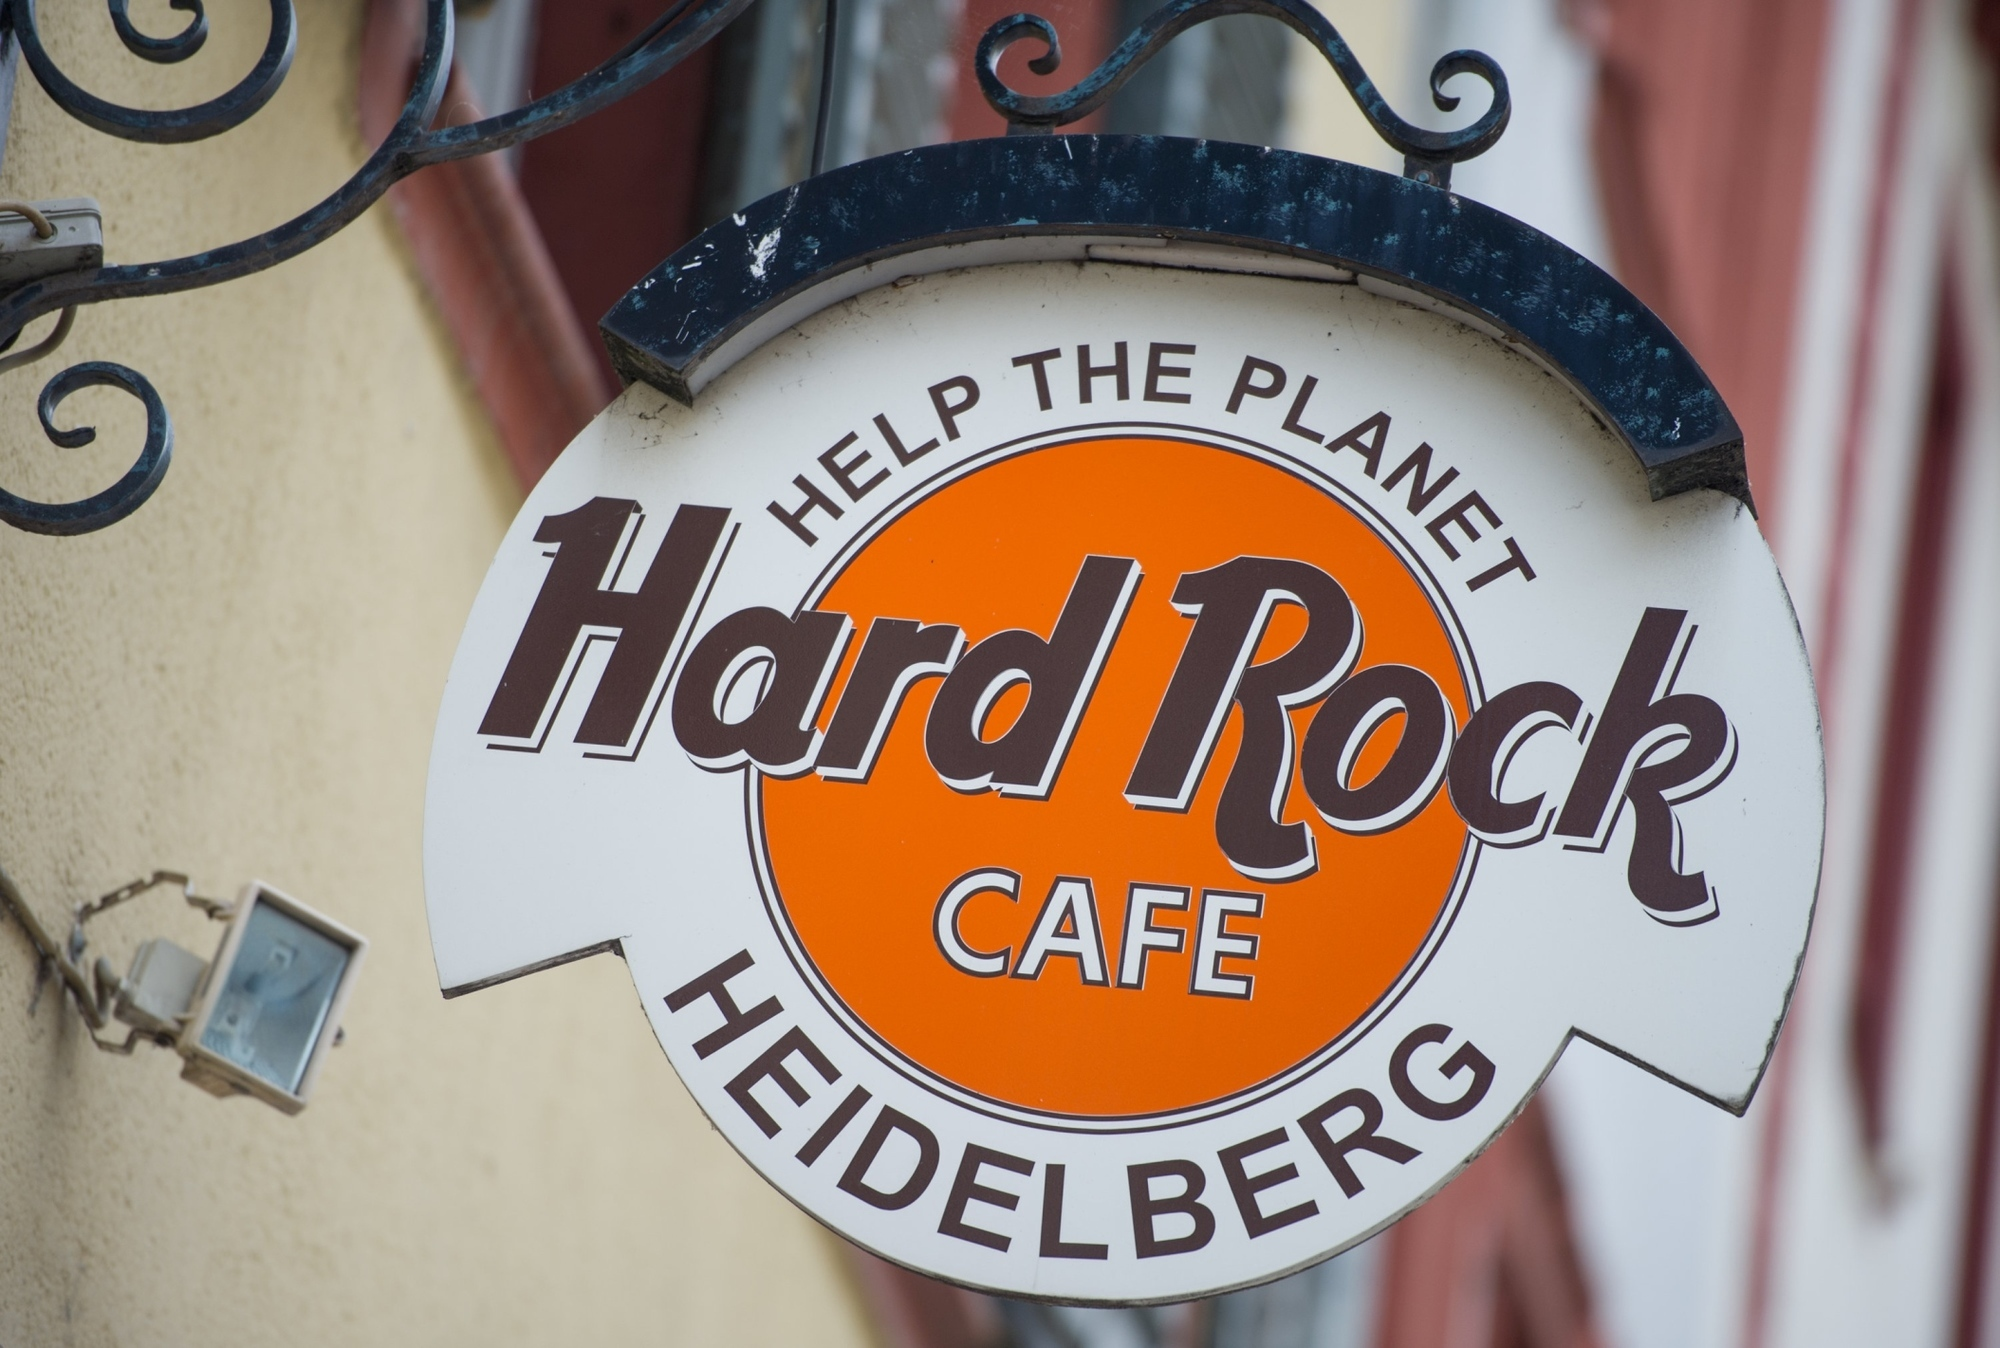 Hard Rock Cafe Weltweit